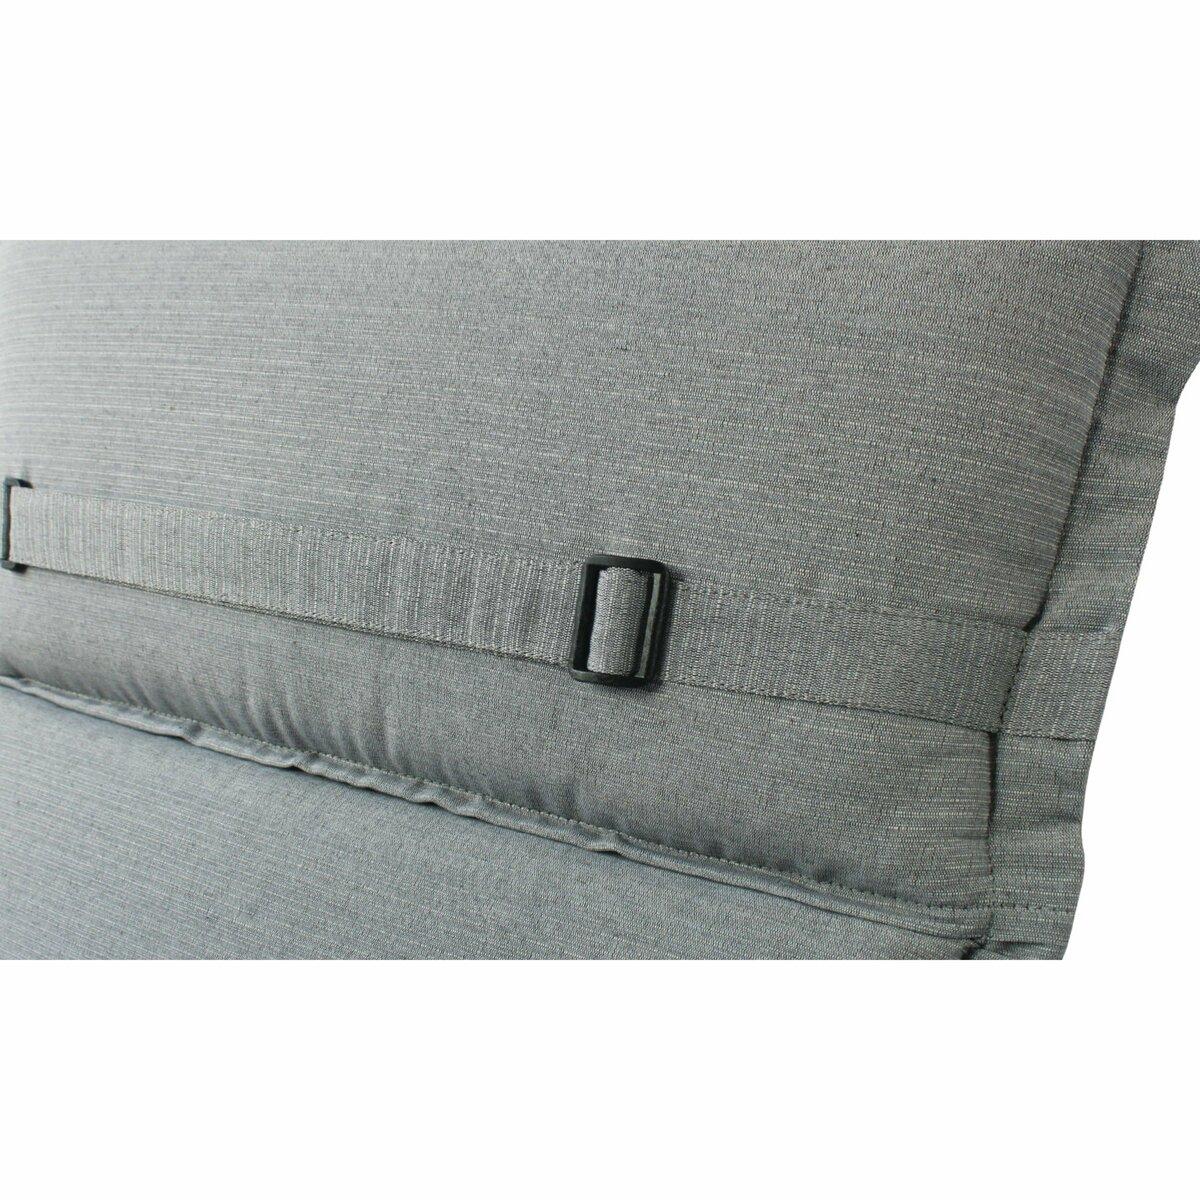 Bild 3 von Deckchair-Auflage   Unico 190 x 50 cm